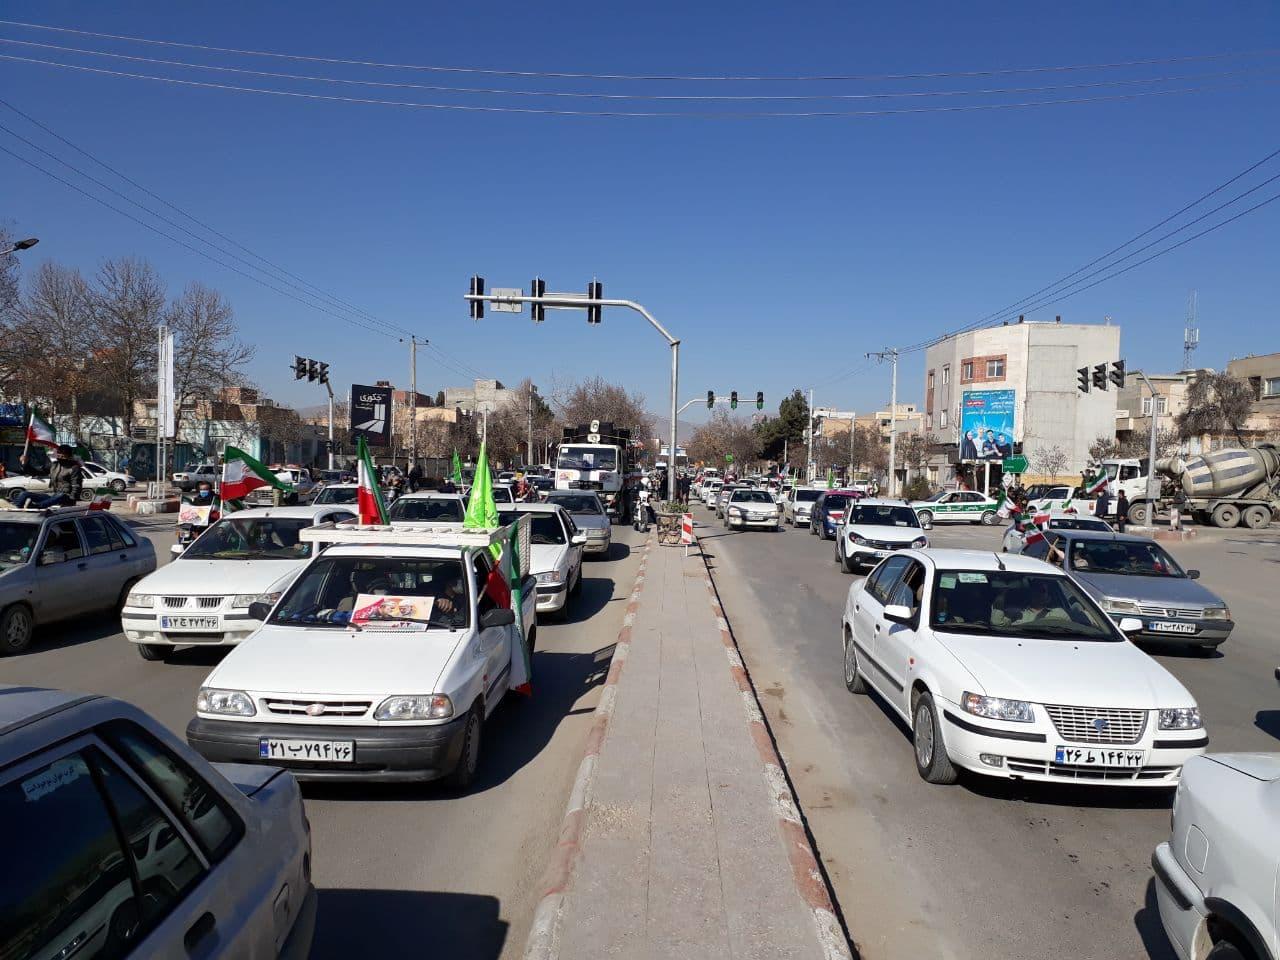 راهپیمایی خودرویی به مناسبت 22بهمن,خراسان شمالی+بجنورد+22بهمن+راهپیمایی